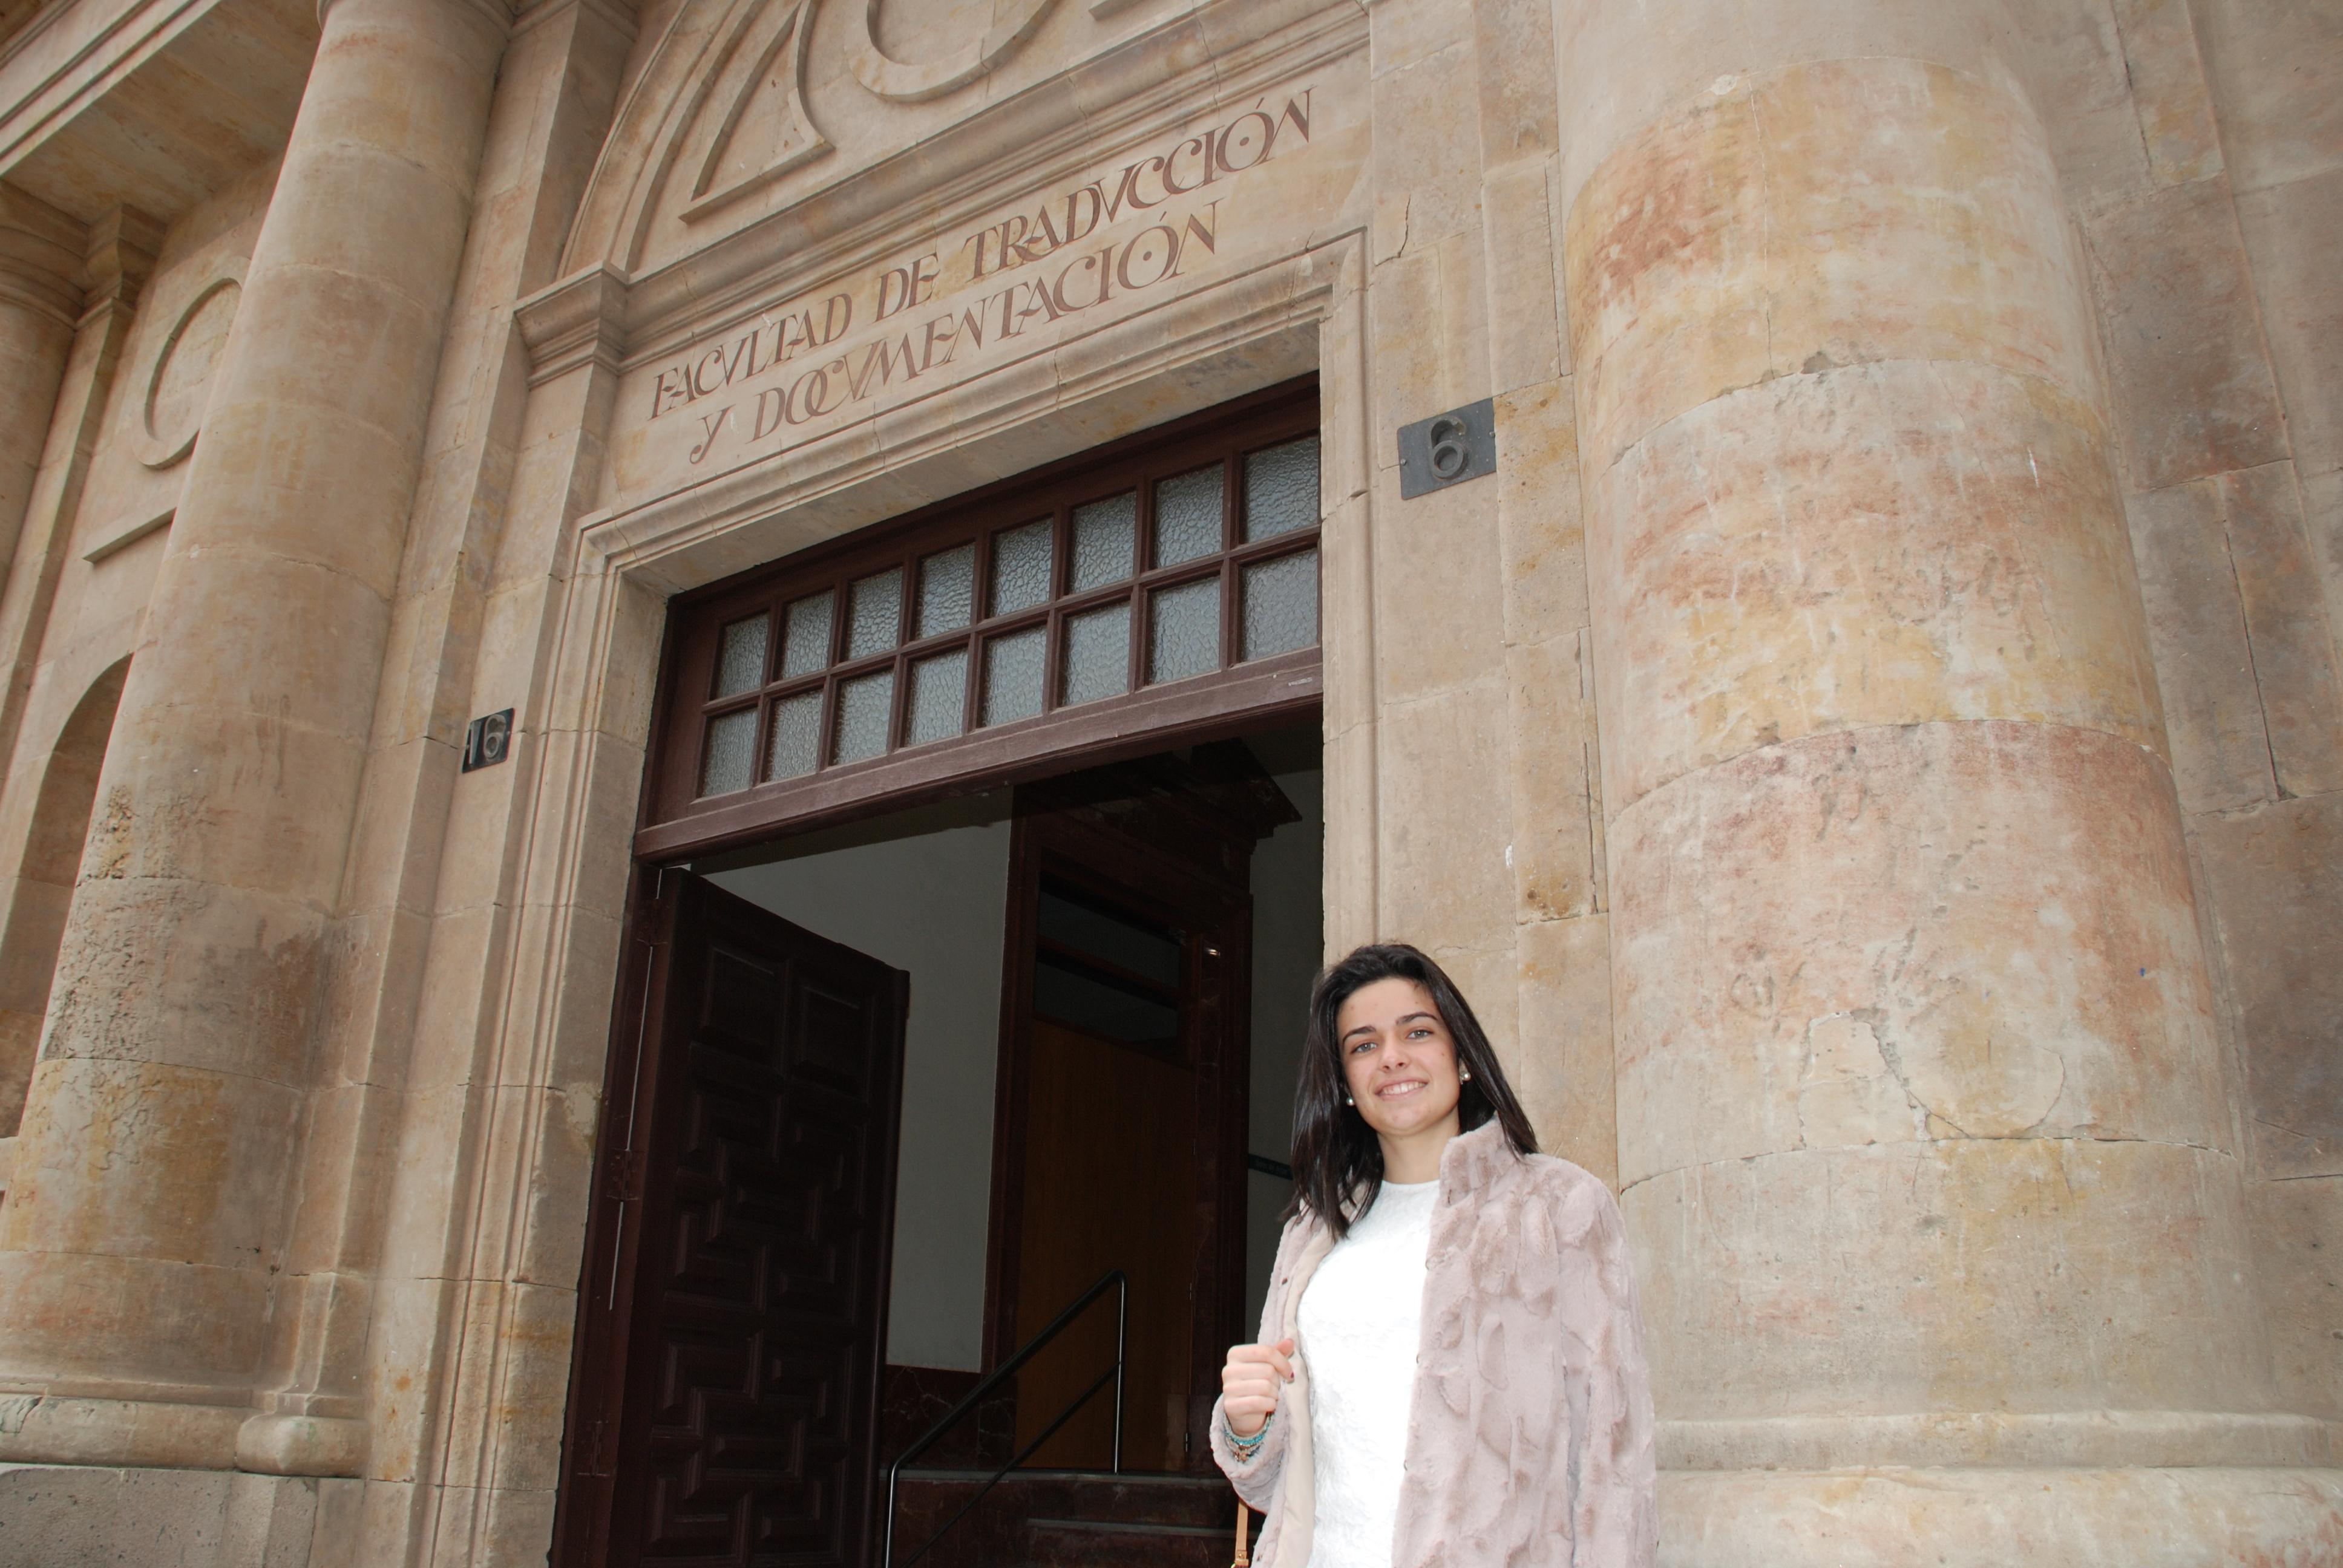 Una estudiante de la Universidad de Salamanca asesorará a la Embajada de Estados Unidos en España sobre temas de juventud